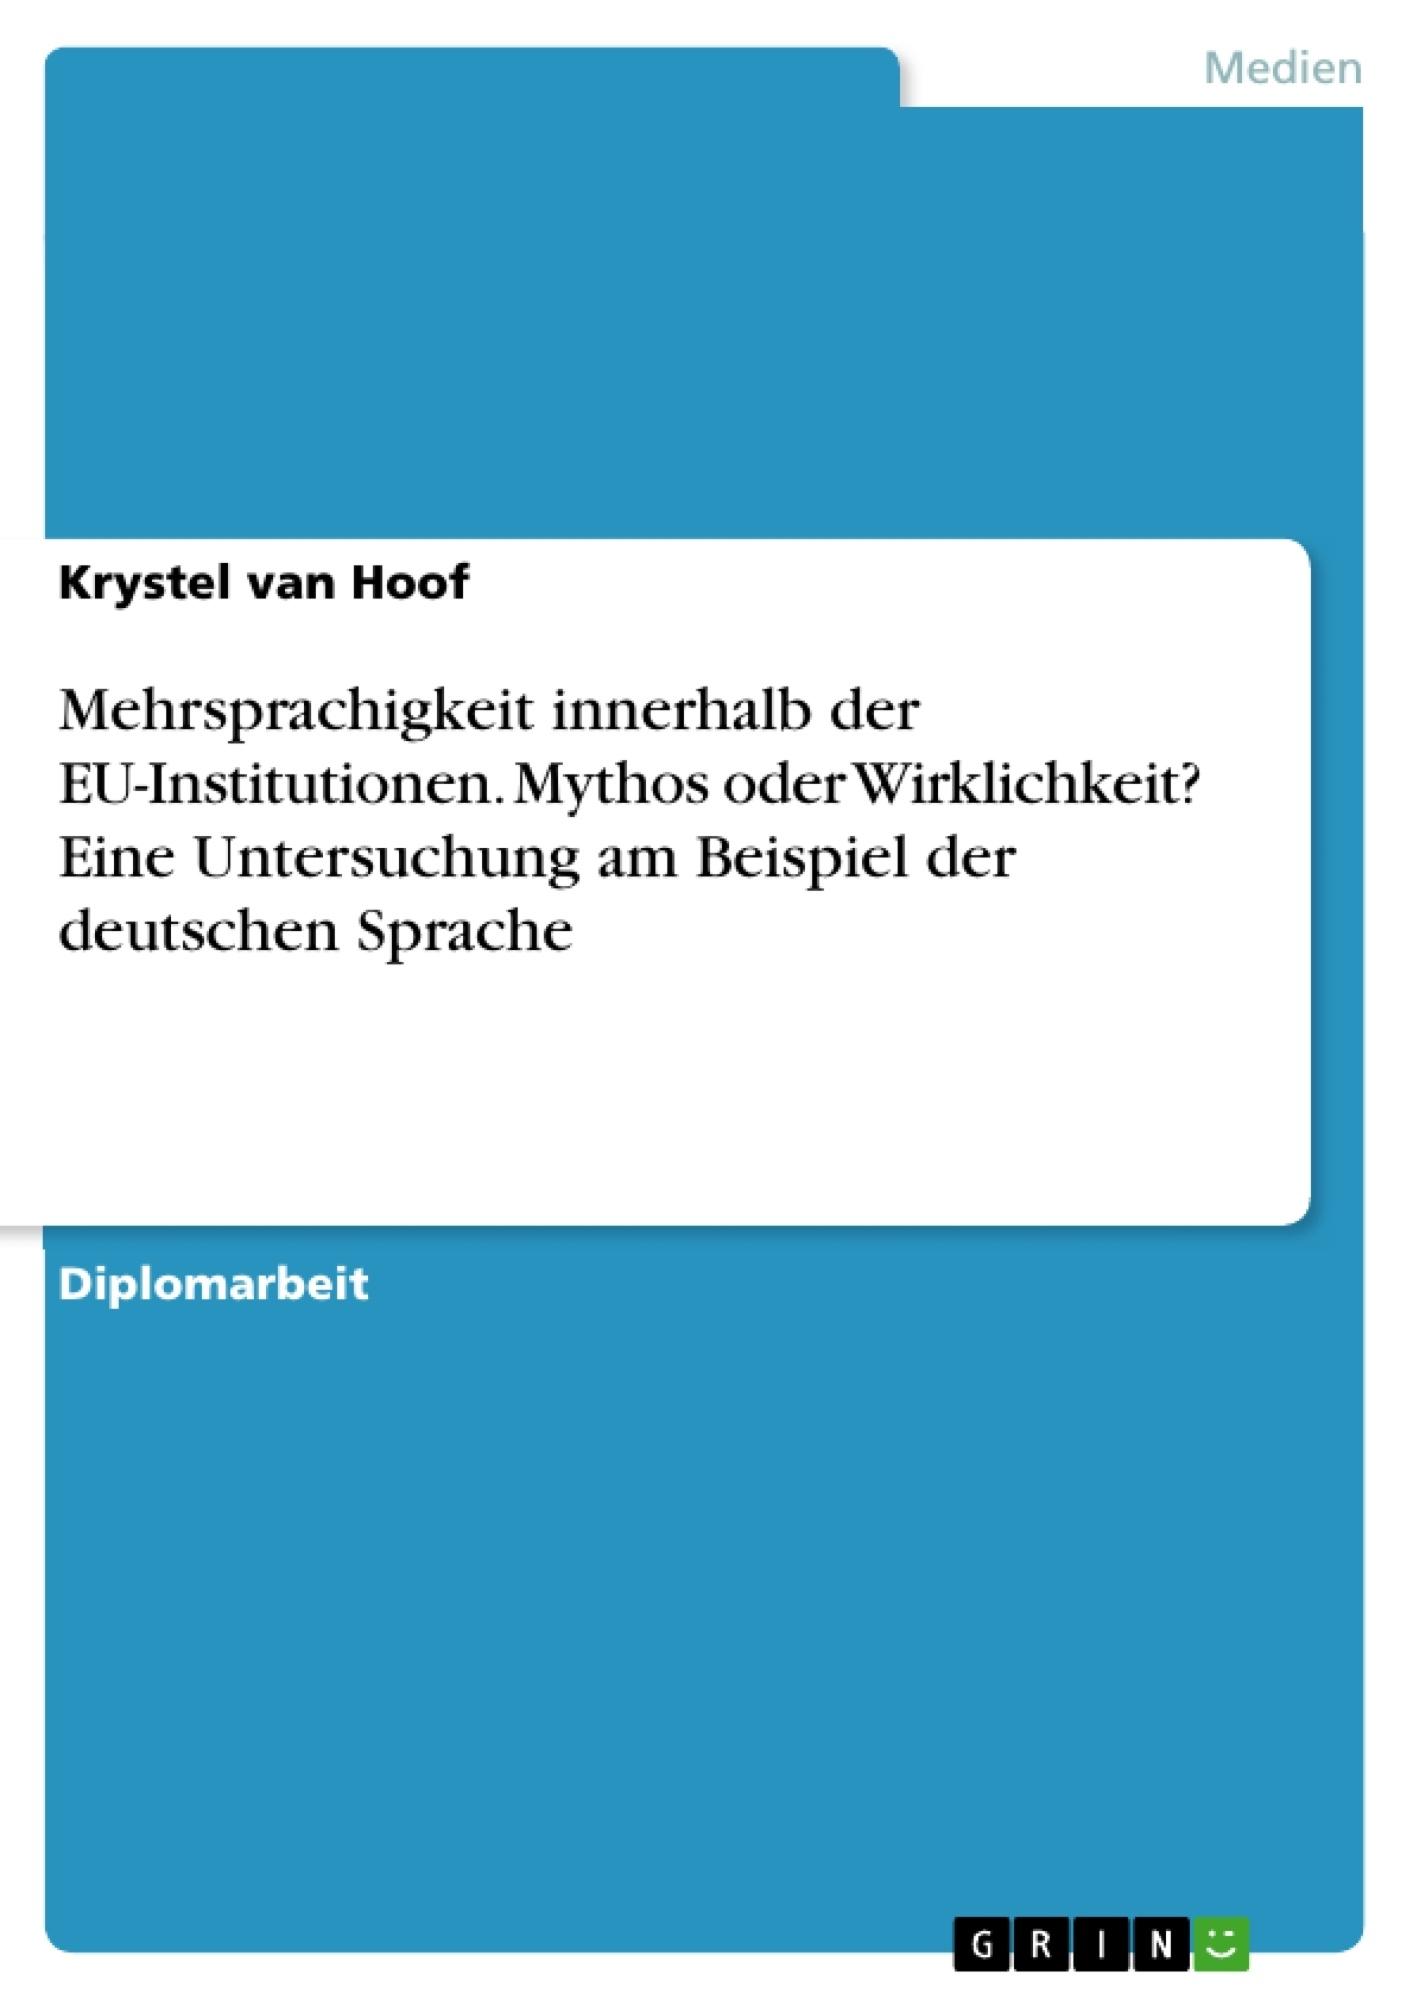 Titel: Mehrsprachigkeit innerhalb der EU-Institutionen. Mythos oder Wirklichkeit? Eine Untersuchung am Beispiel der deutschen Sprache